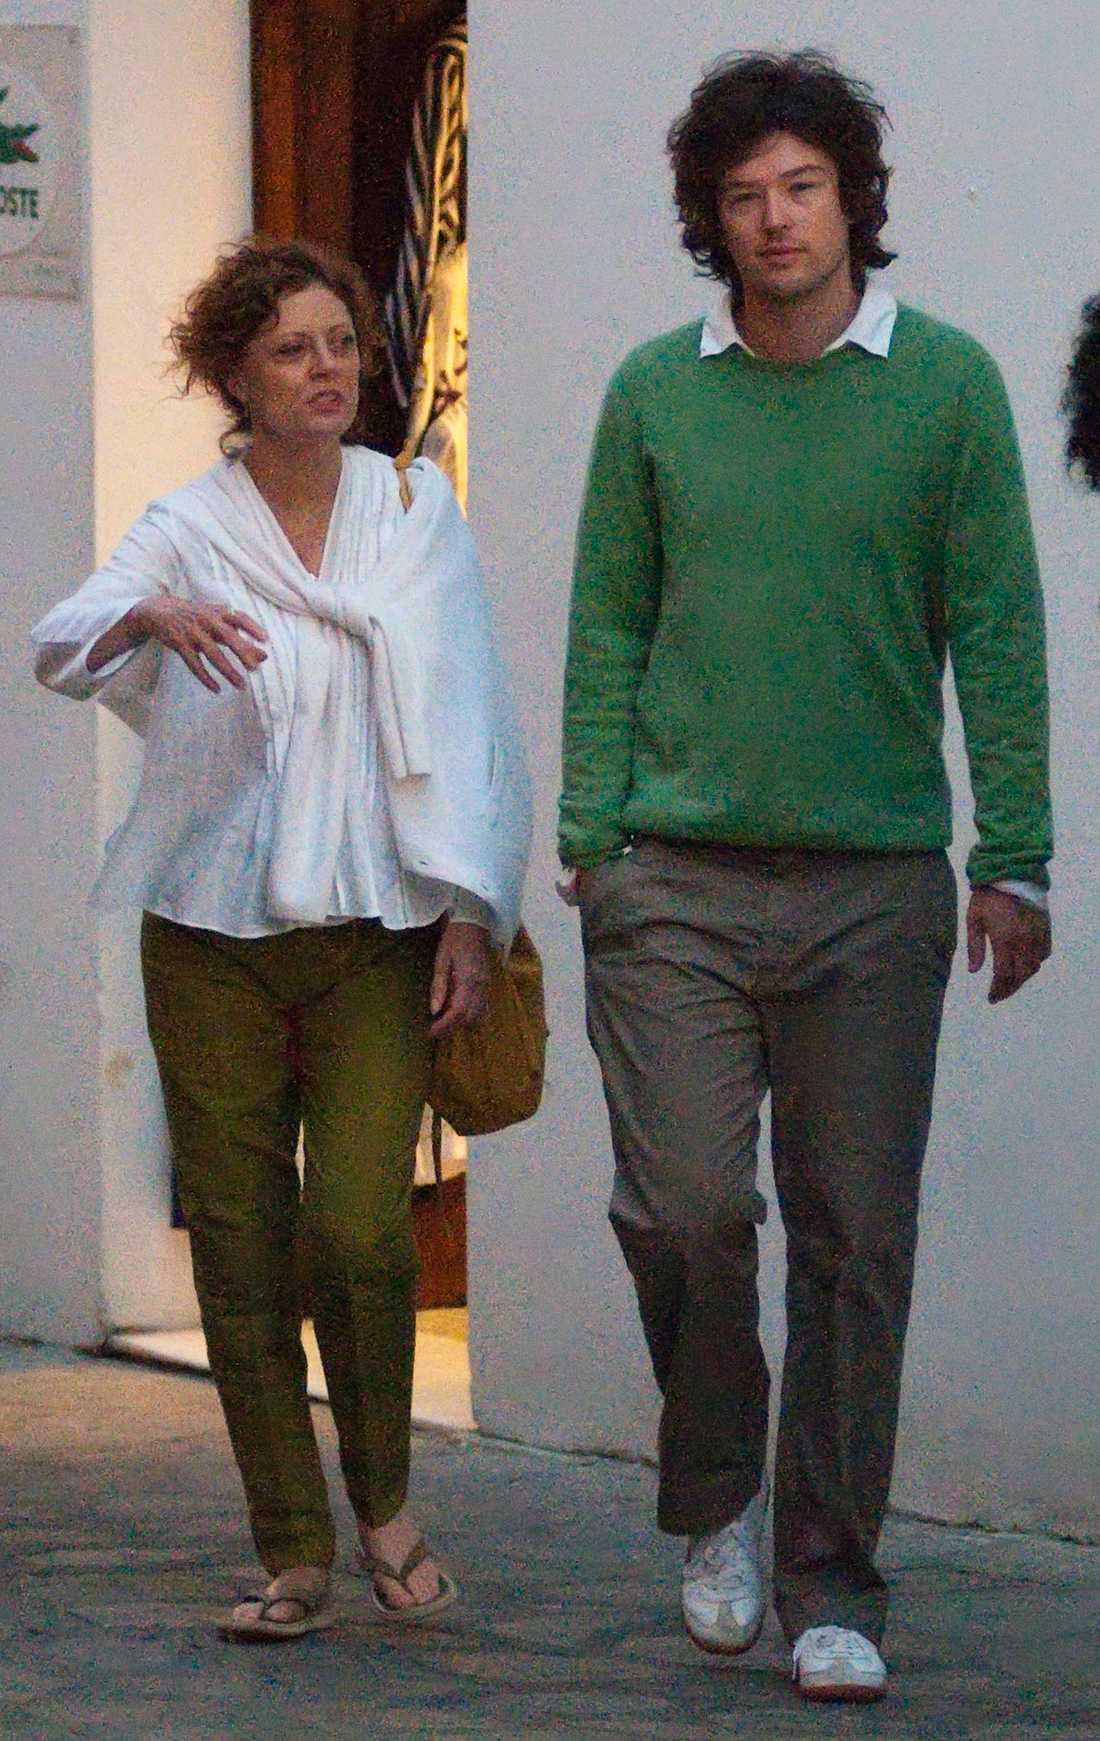 Susan Sarandon med påstådde pojkvännen Jonathan Bricklin. Klicka för att förstora bilden.